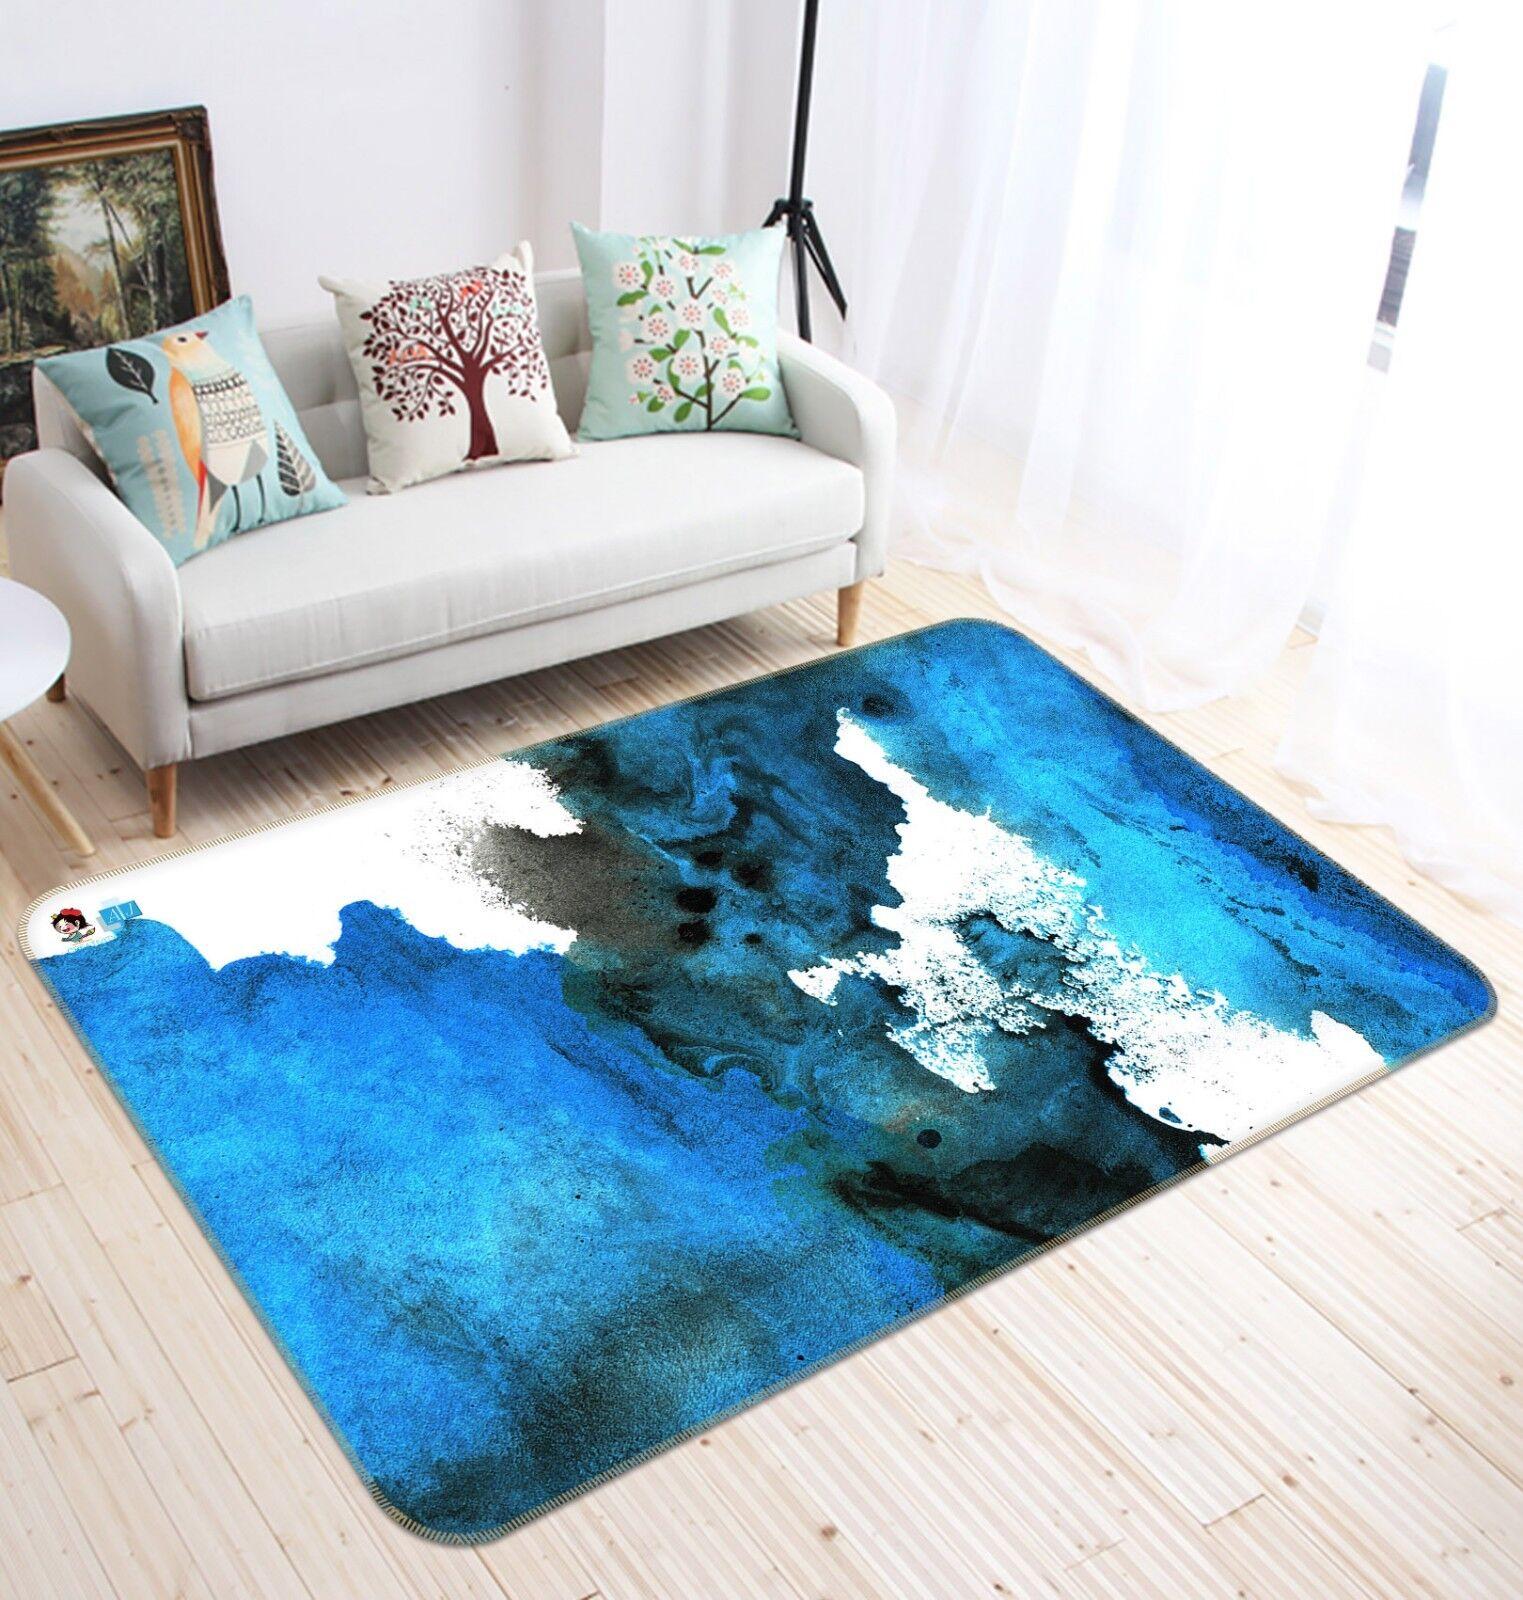 3D 3D 3D Blau Tinte Malerei 1 Rutschfest Teppich Raum Matte Qualität Elegant Teppich 3d58f7